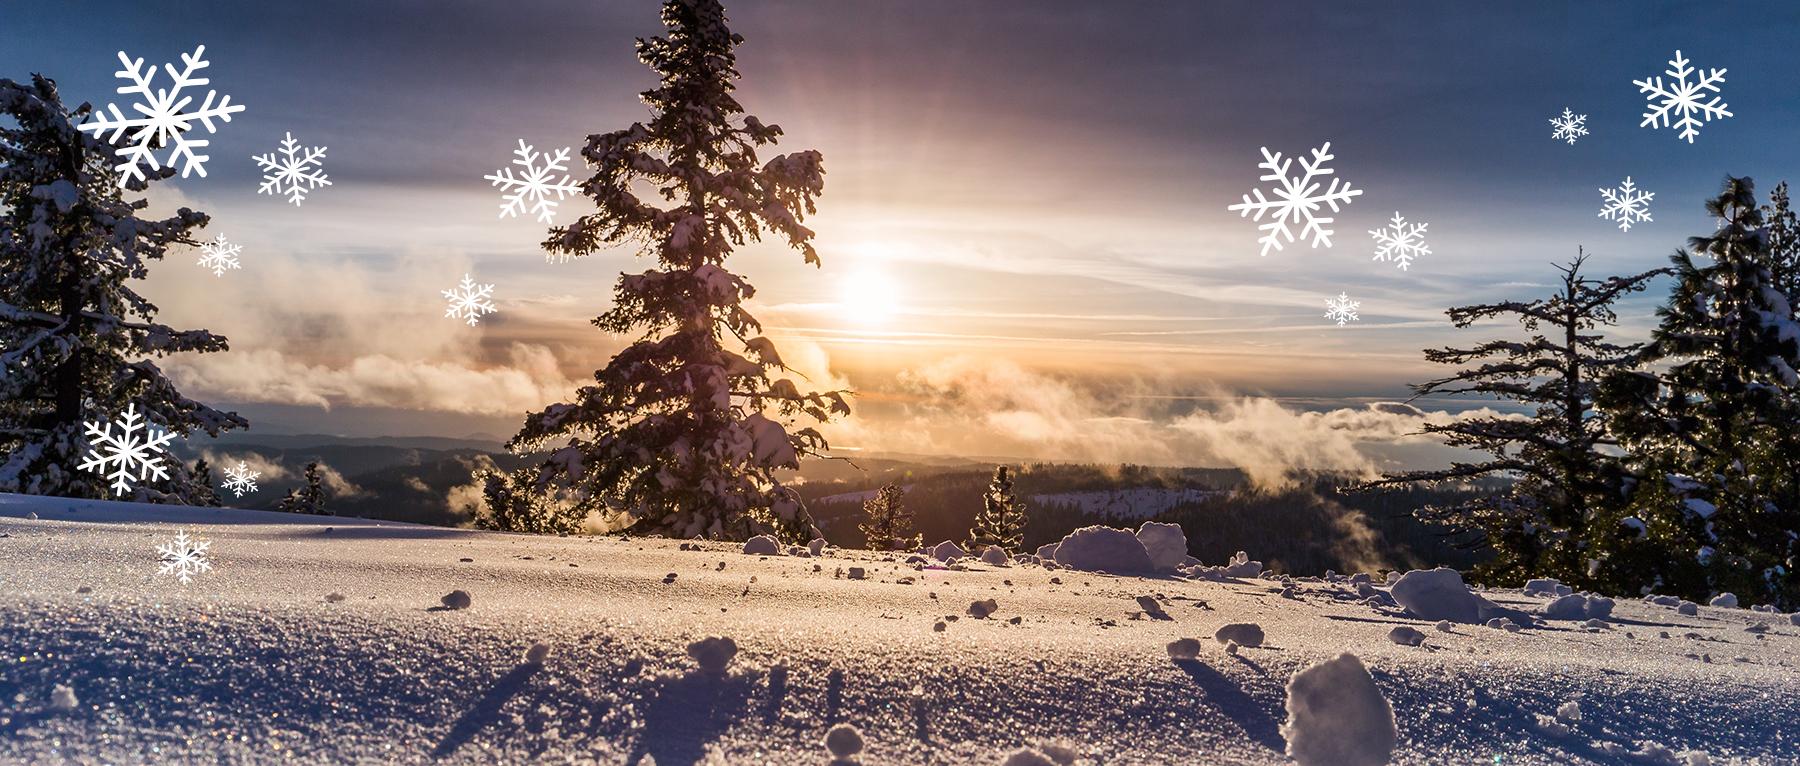 Banner_Winteraktionswochen_Starseite_01.jpg